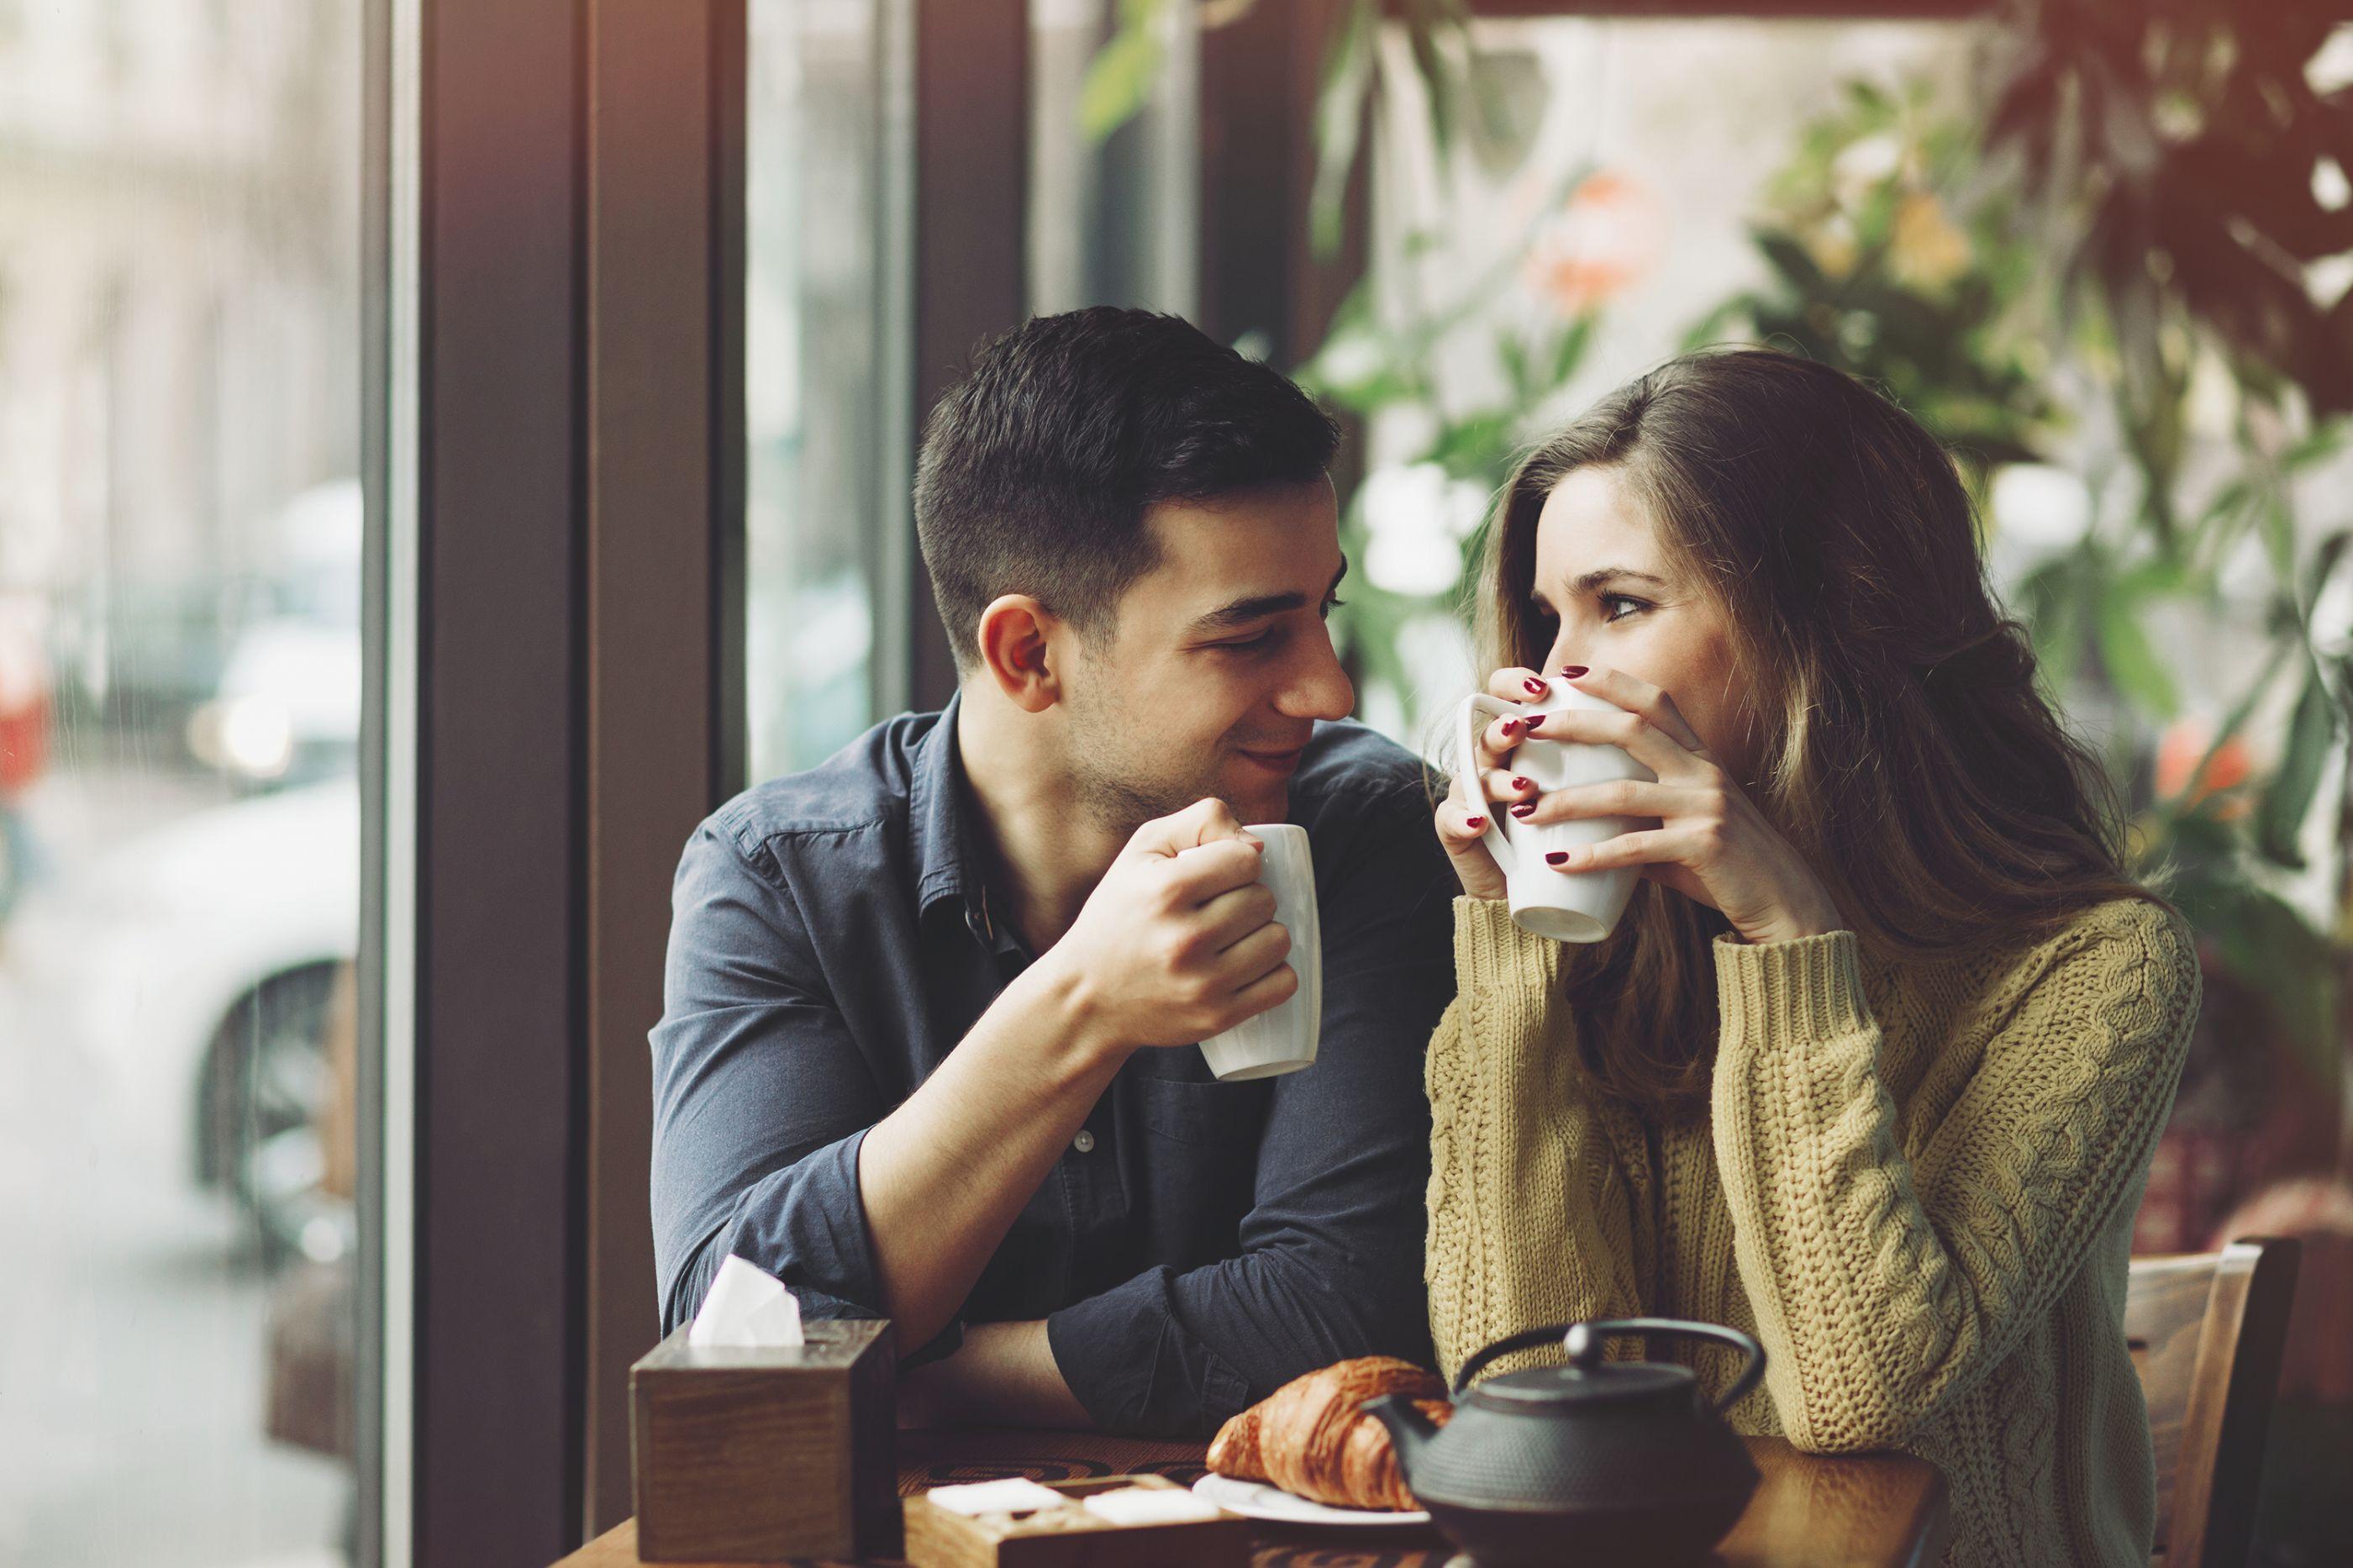 As principais características que homens e mulheres buscam num parceiro